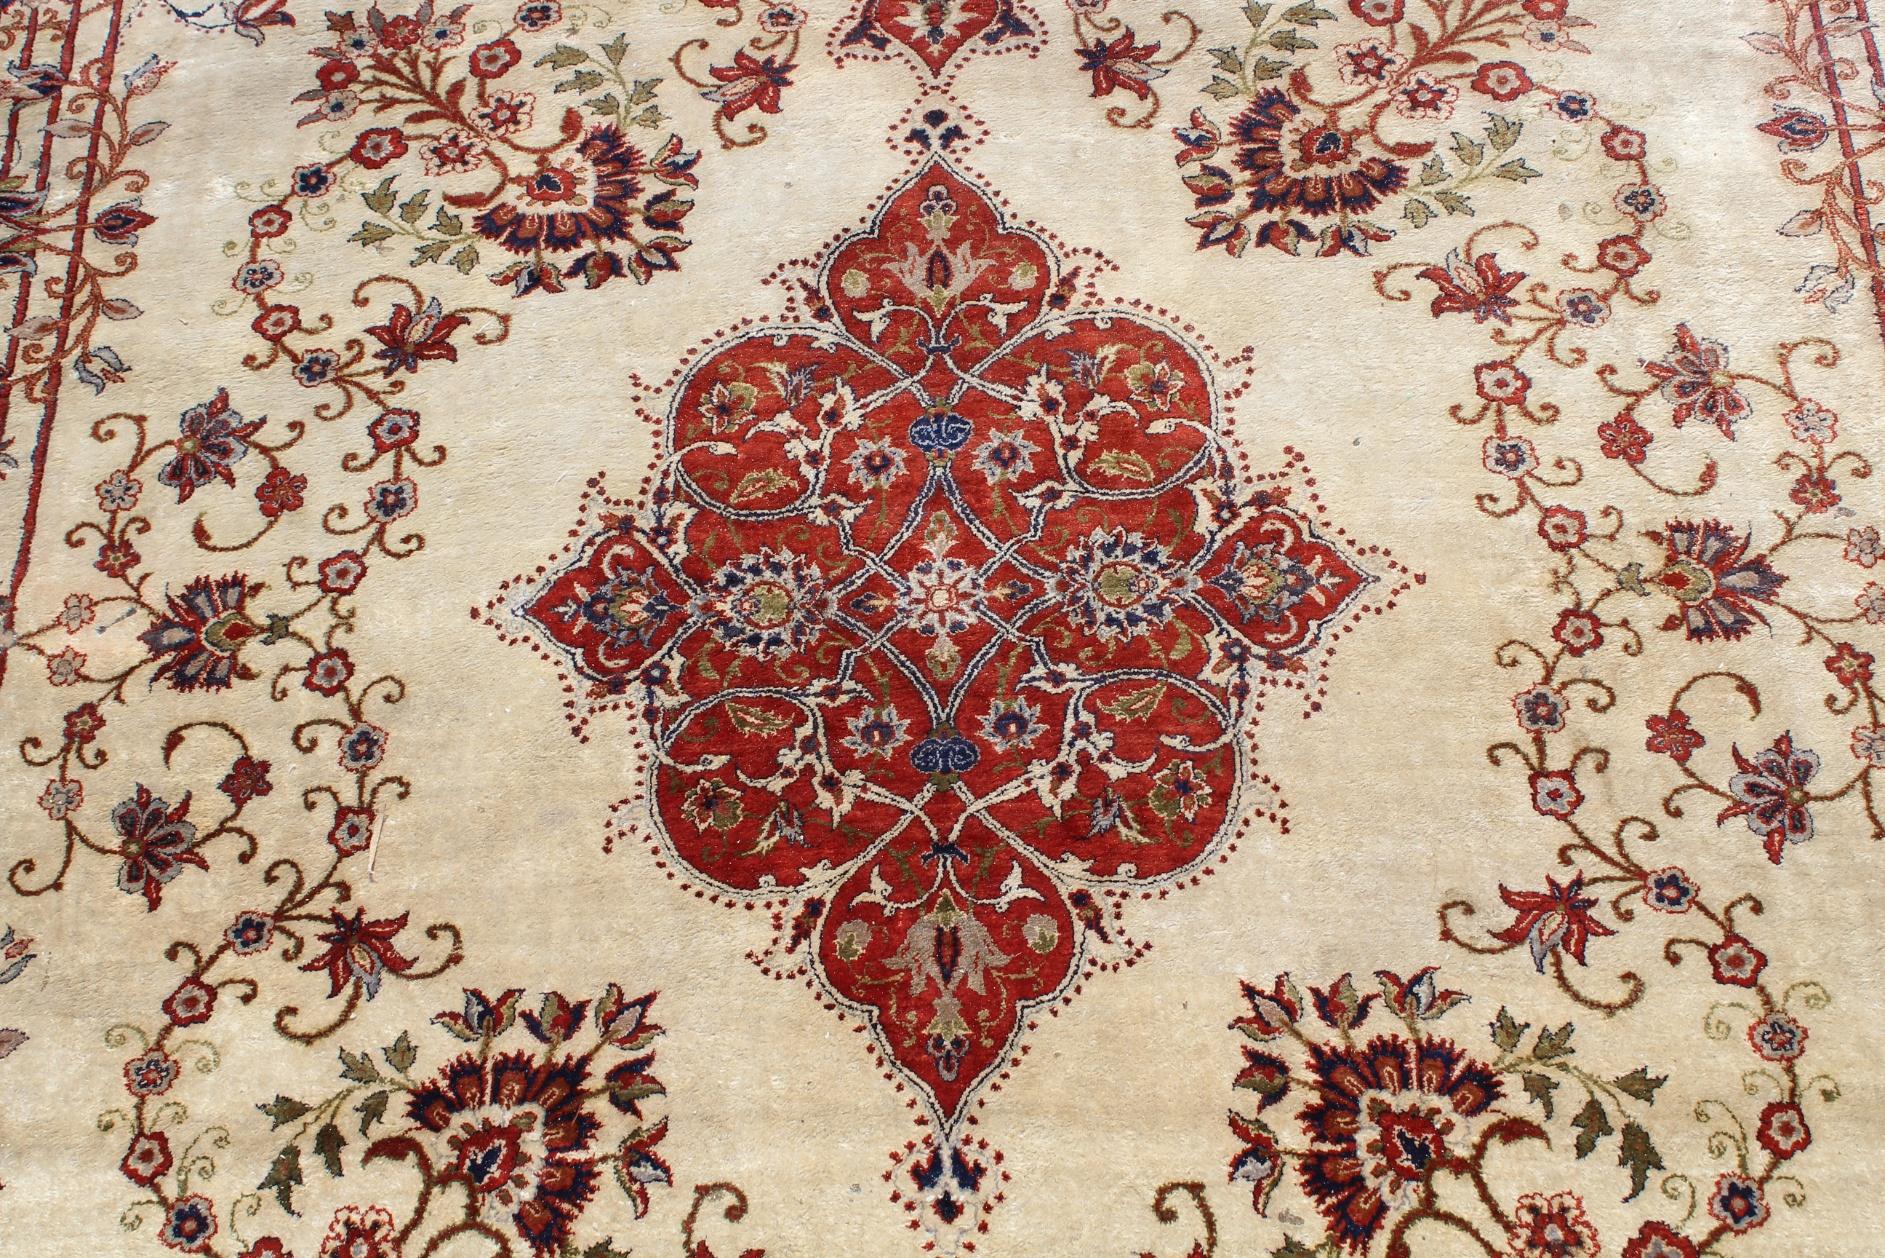 Signed, Antique Persian Silk Qum Rug - Image 2 of 4